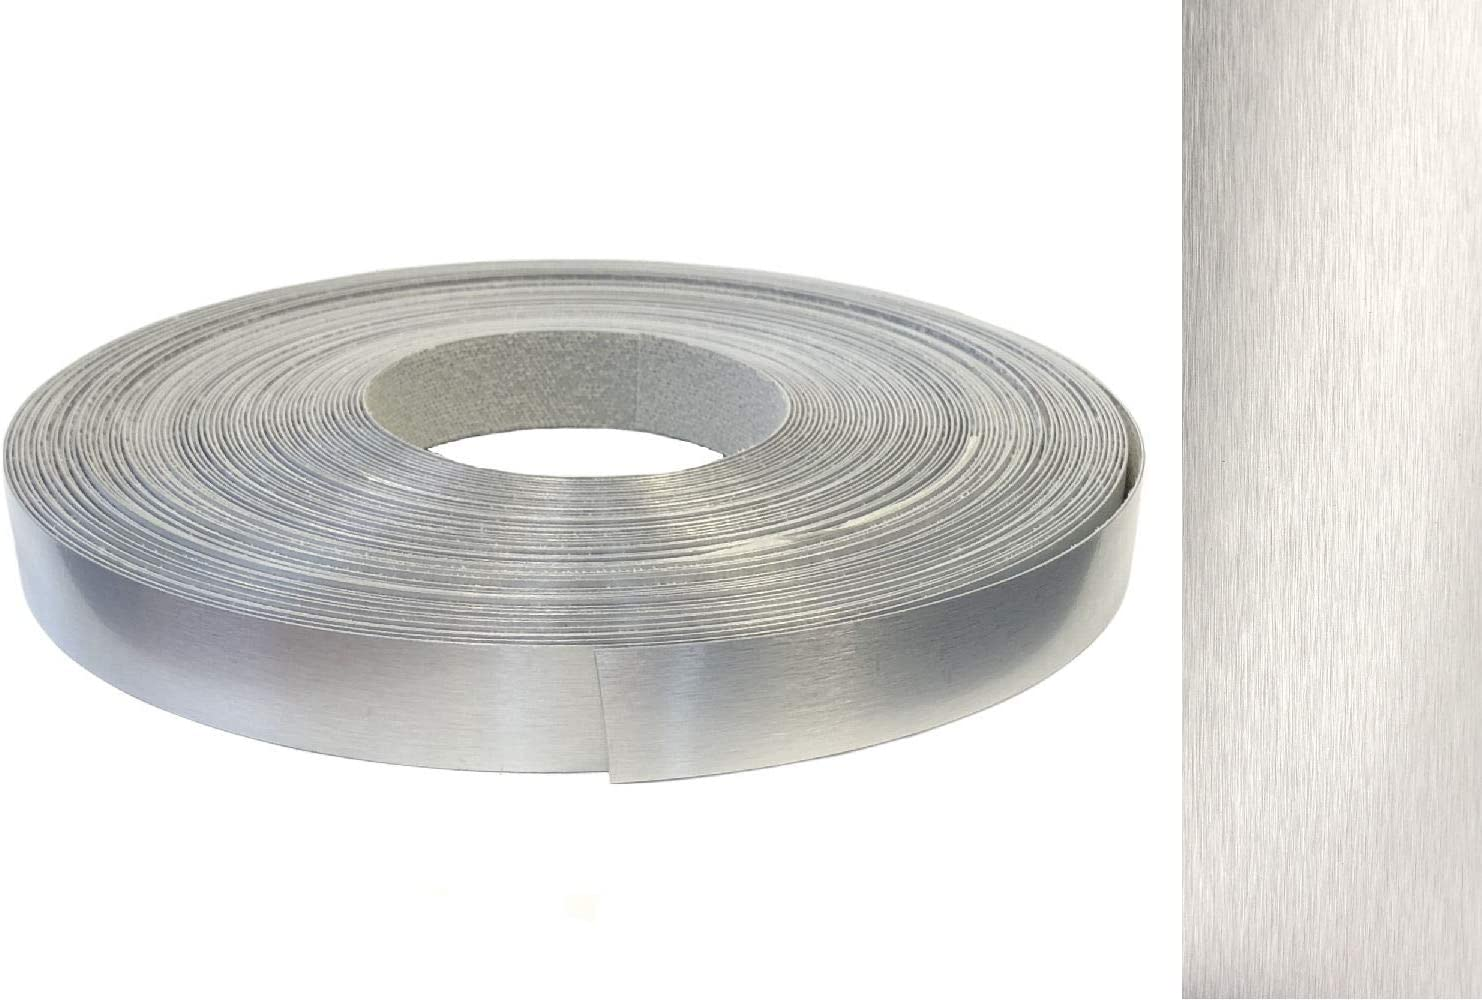 ABS cantoneras para rebordes con Greve Blanco Liso 42 mm 10m rollo Mprofi MT/®